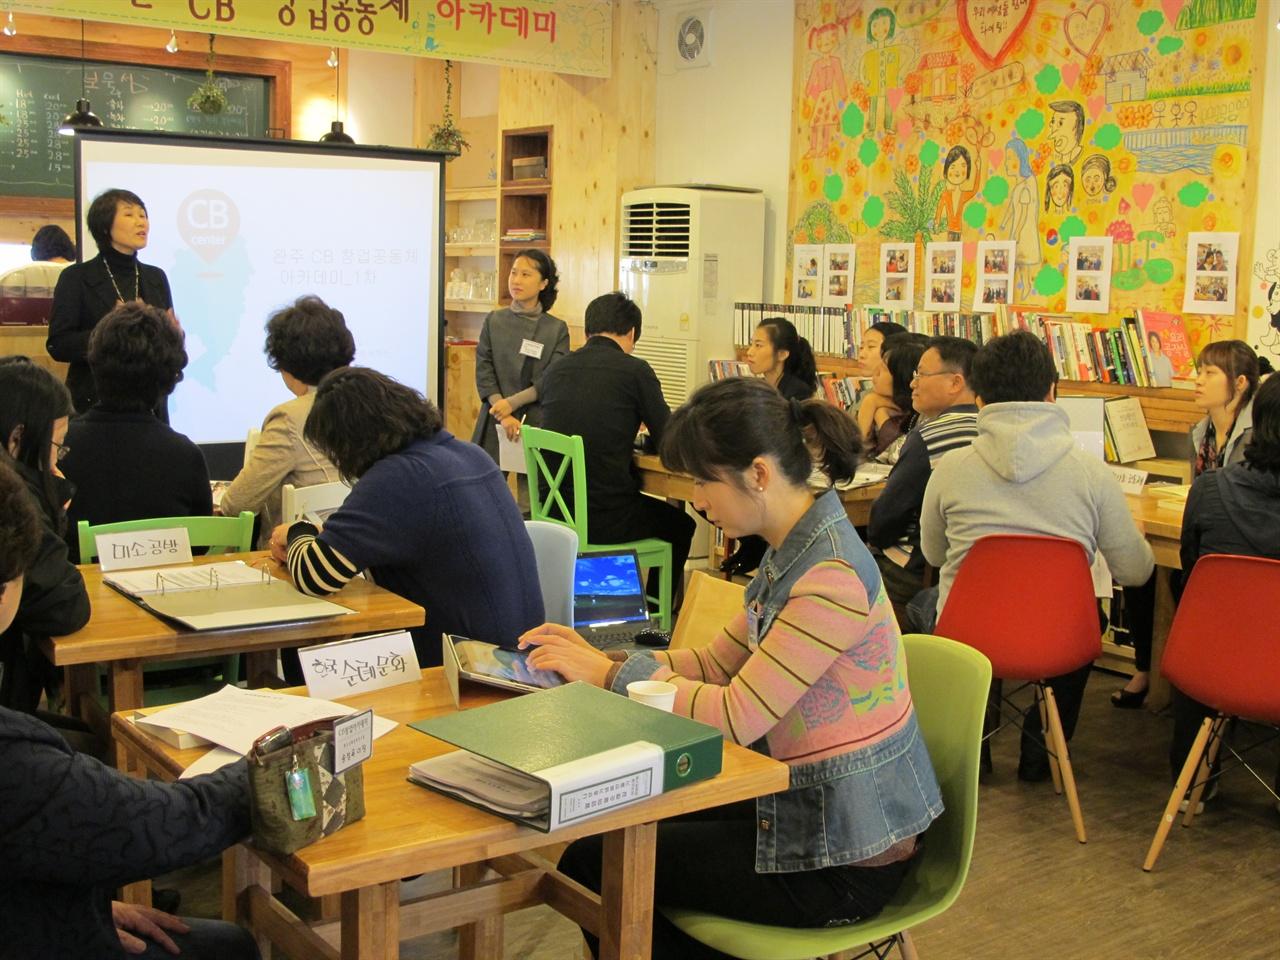 완주지역 공동체 교육 현장 저자 이영미가 스크린 오른쪽에서 설명을 듣고 있다 출처: 완두콩 협동조합